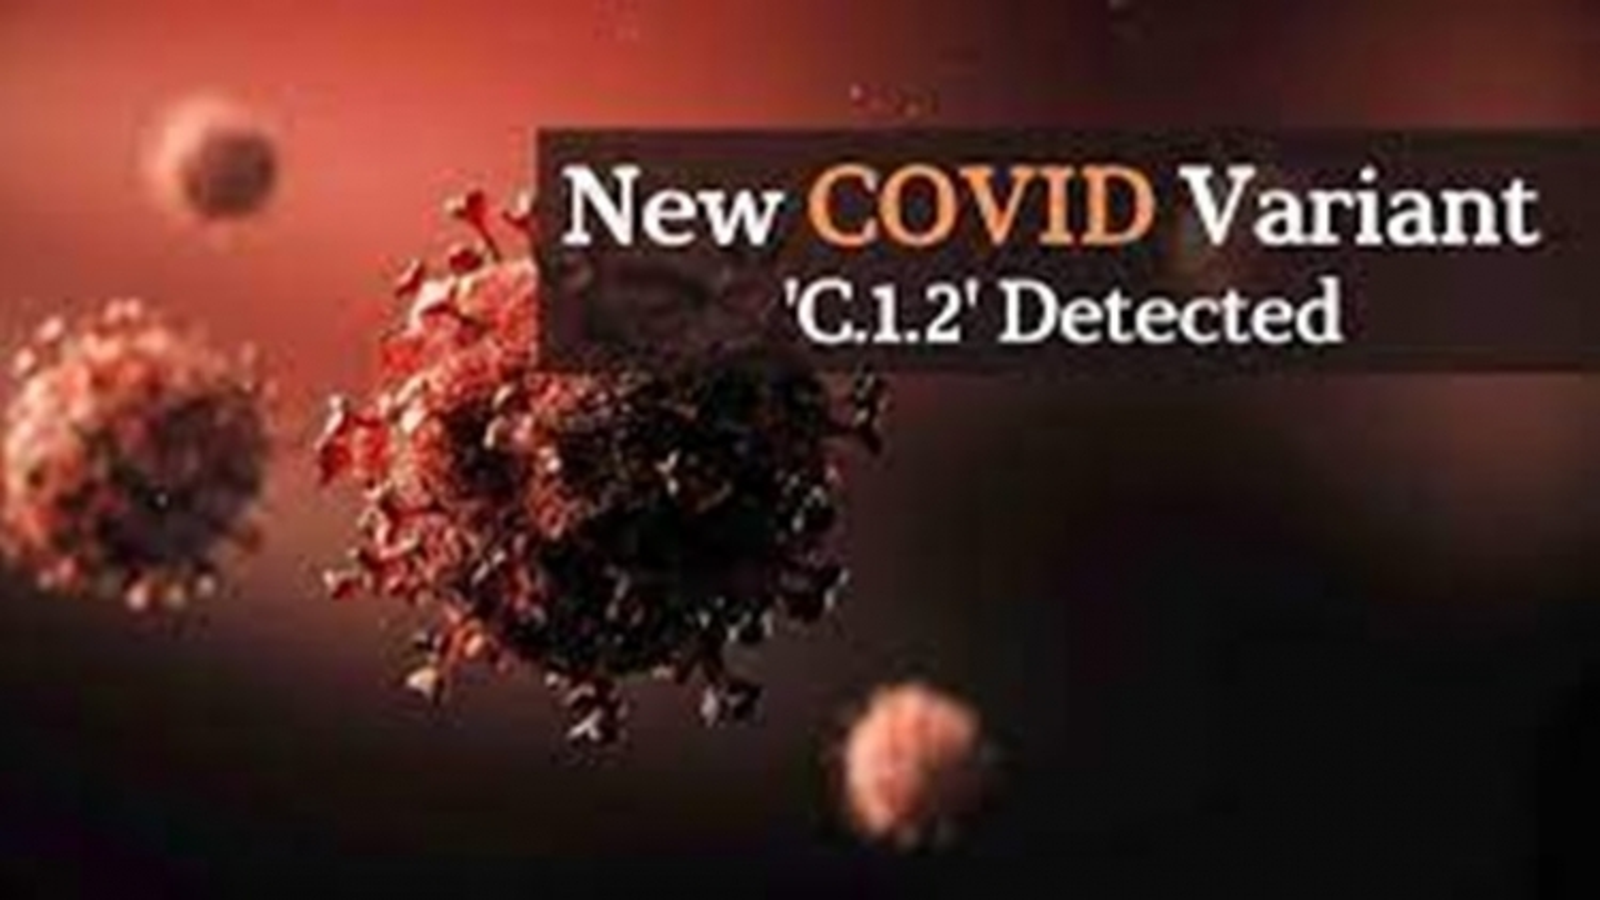 WHO khẳng định biến thể C.1.2 của SARS-CoV-2 không có nguy cơ lây lan mạnh như lo ngại